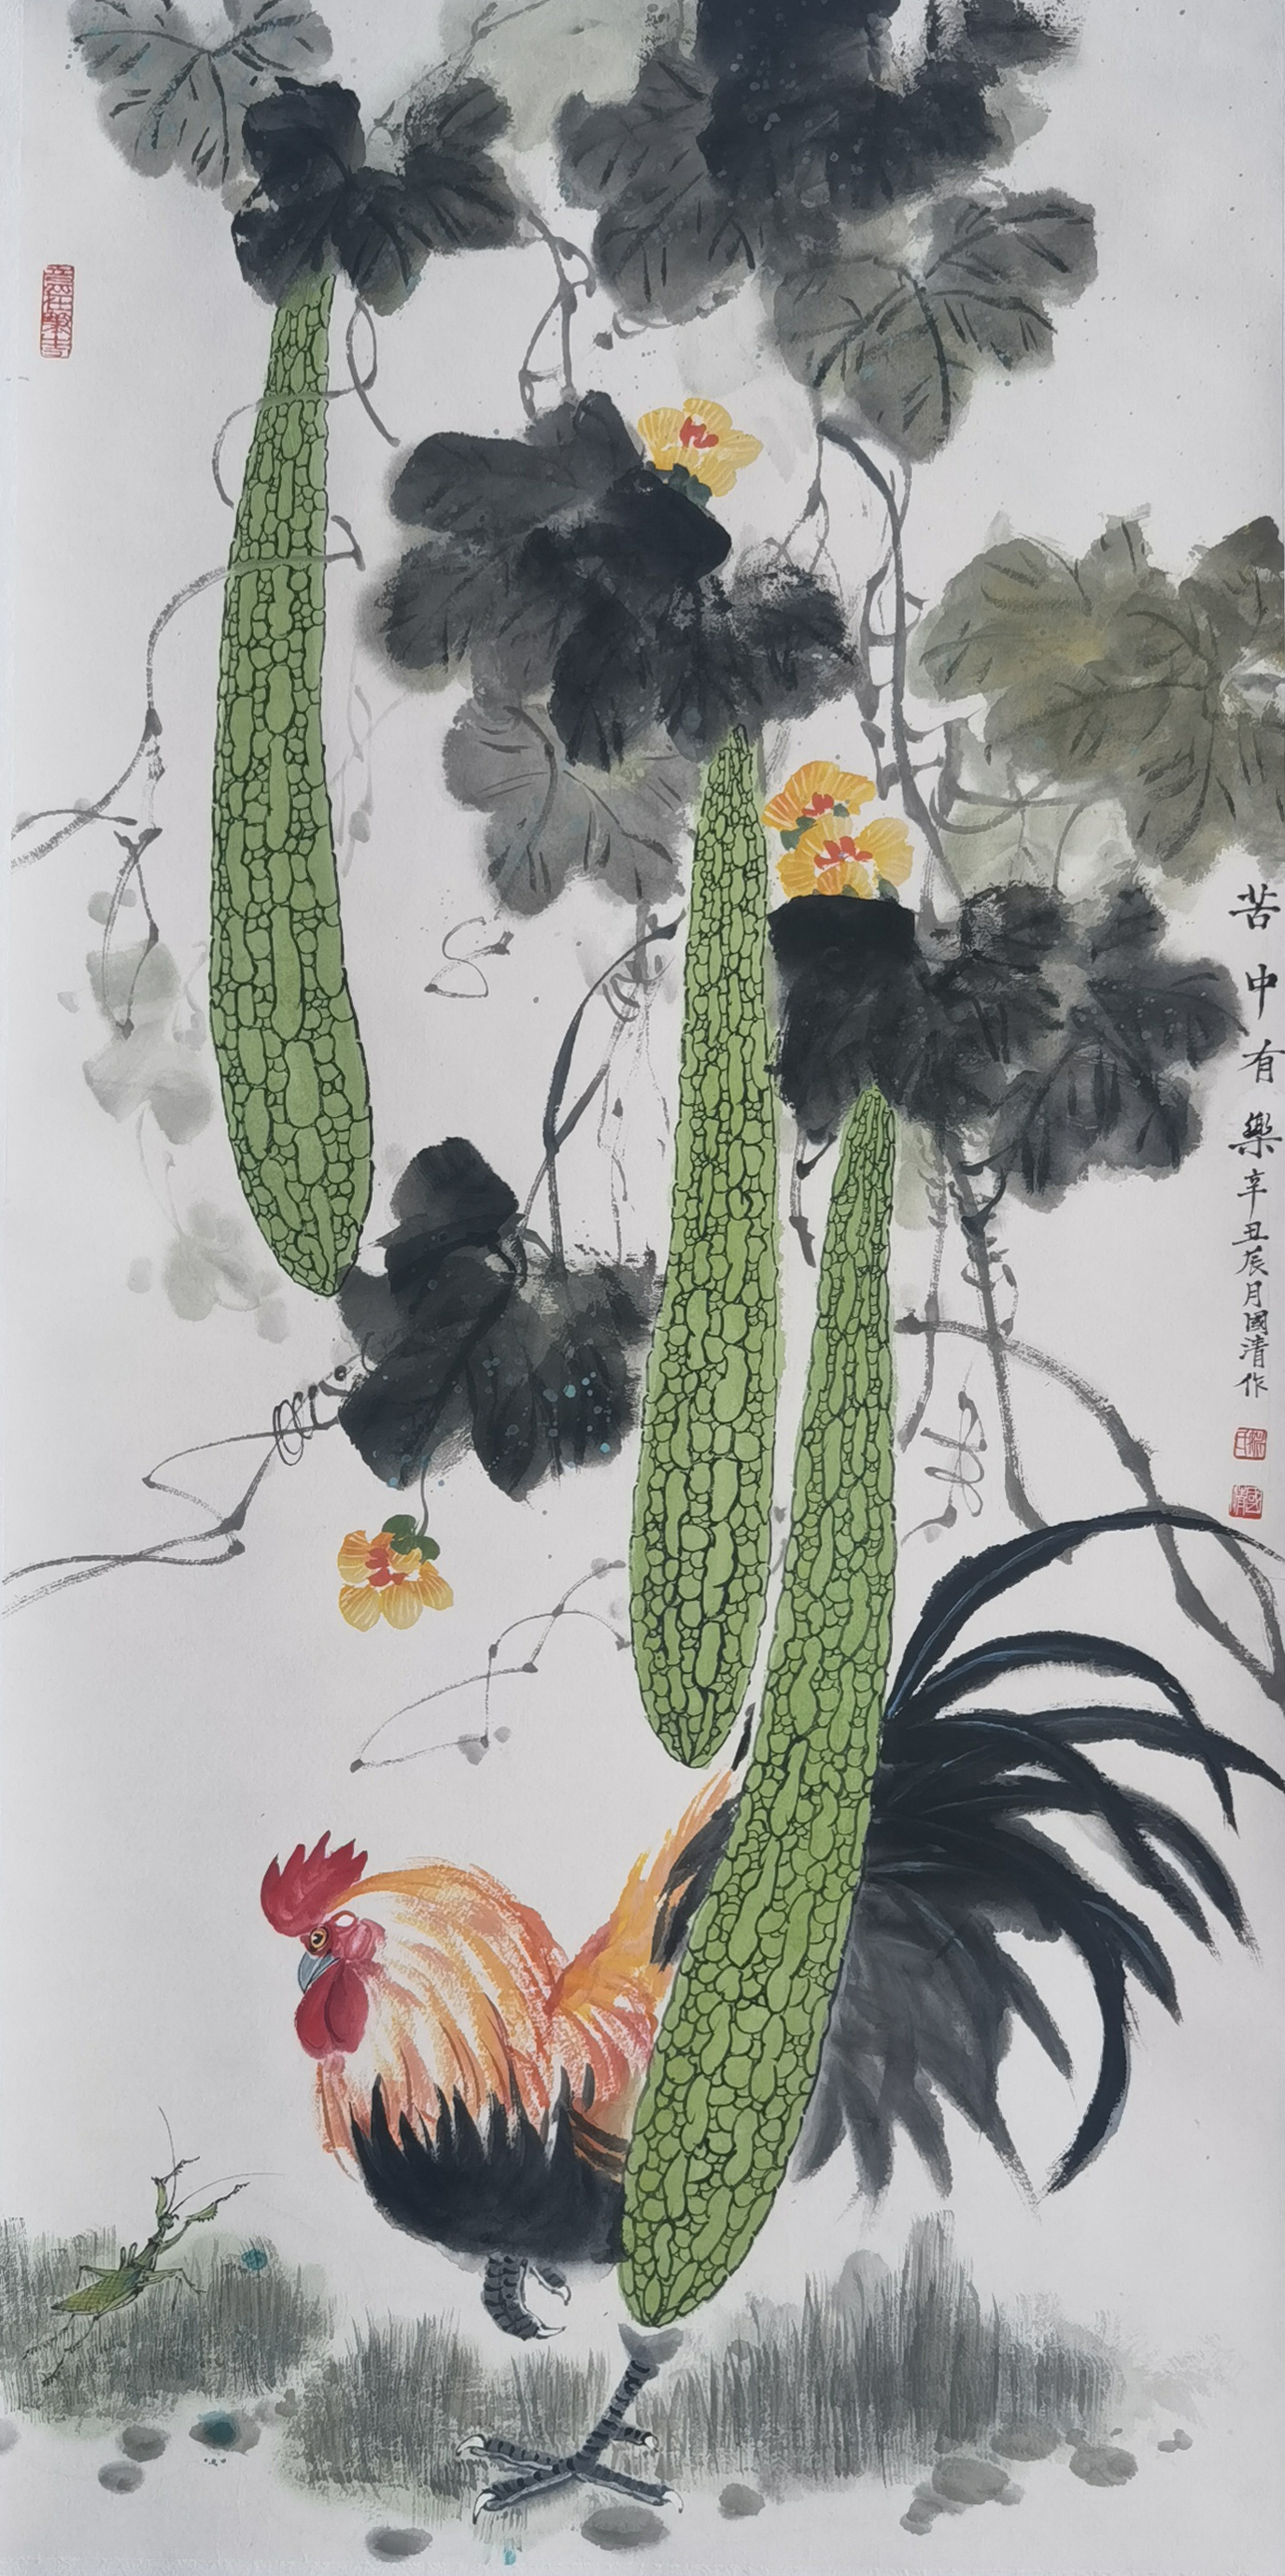 永远跟党走 书画见真情庆祝中国共产党成立100周年书画展